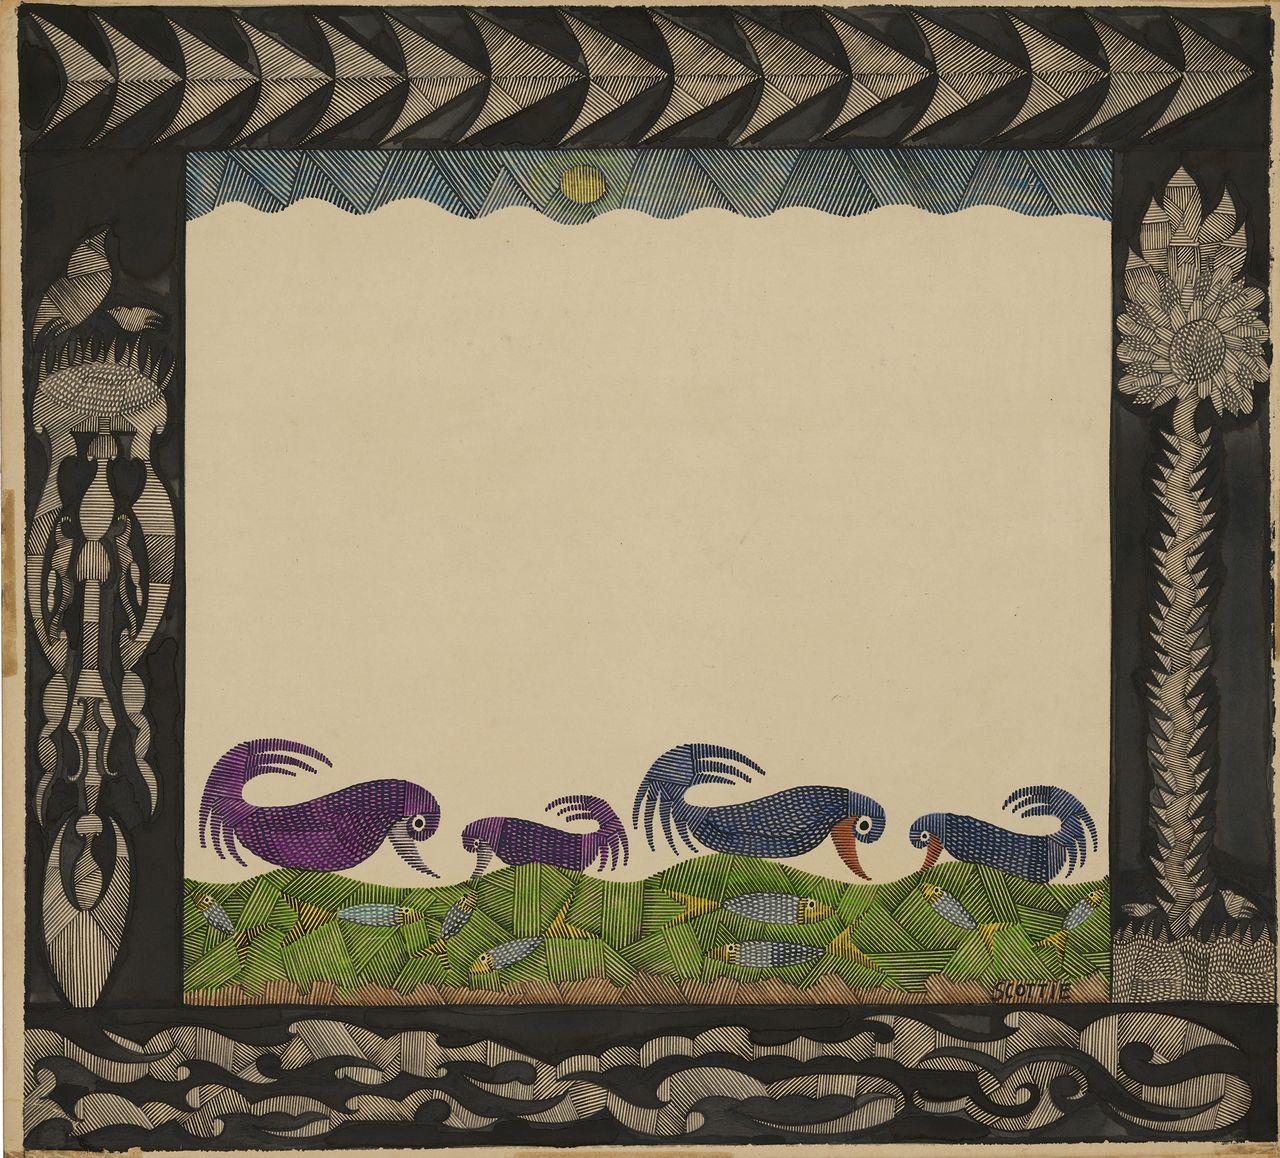 Scottie Wilson-Feeding time, 1950, encre de Chine et crayon de couleur sur carton, 50,8 x 55,5 cm. [AN – Collection de l'Art Brut, Lausanne]